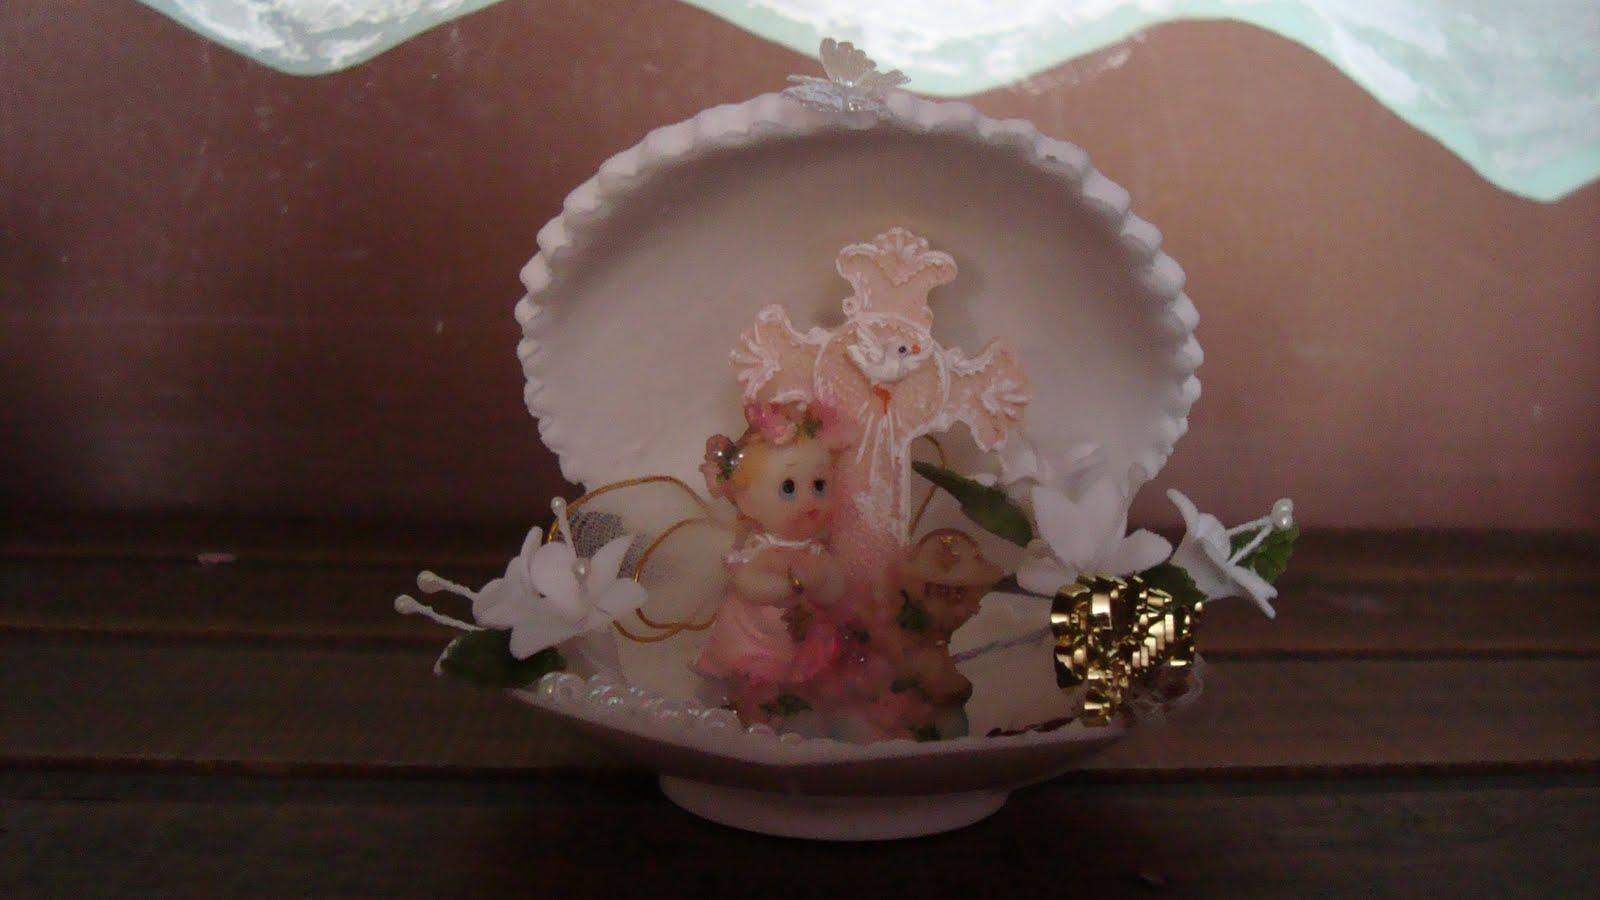 Pastillarte arte y decoraci n decoraciones bautizo ni o - Decoracion para bautizo de nino y nina ...